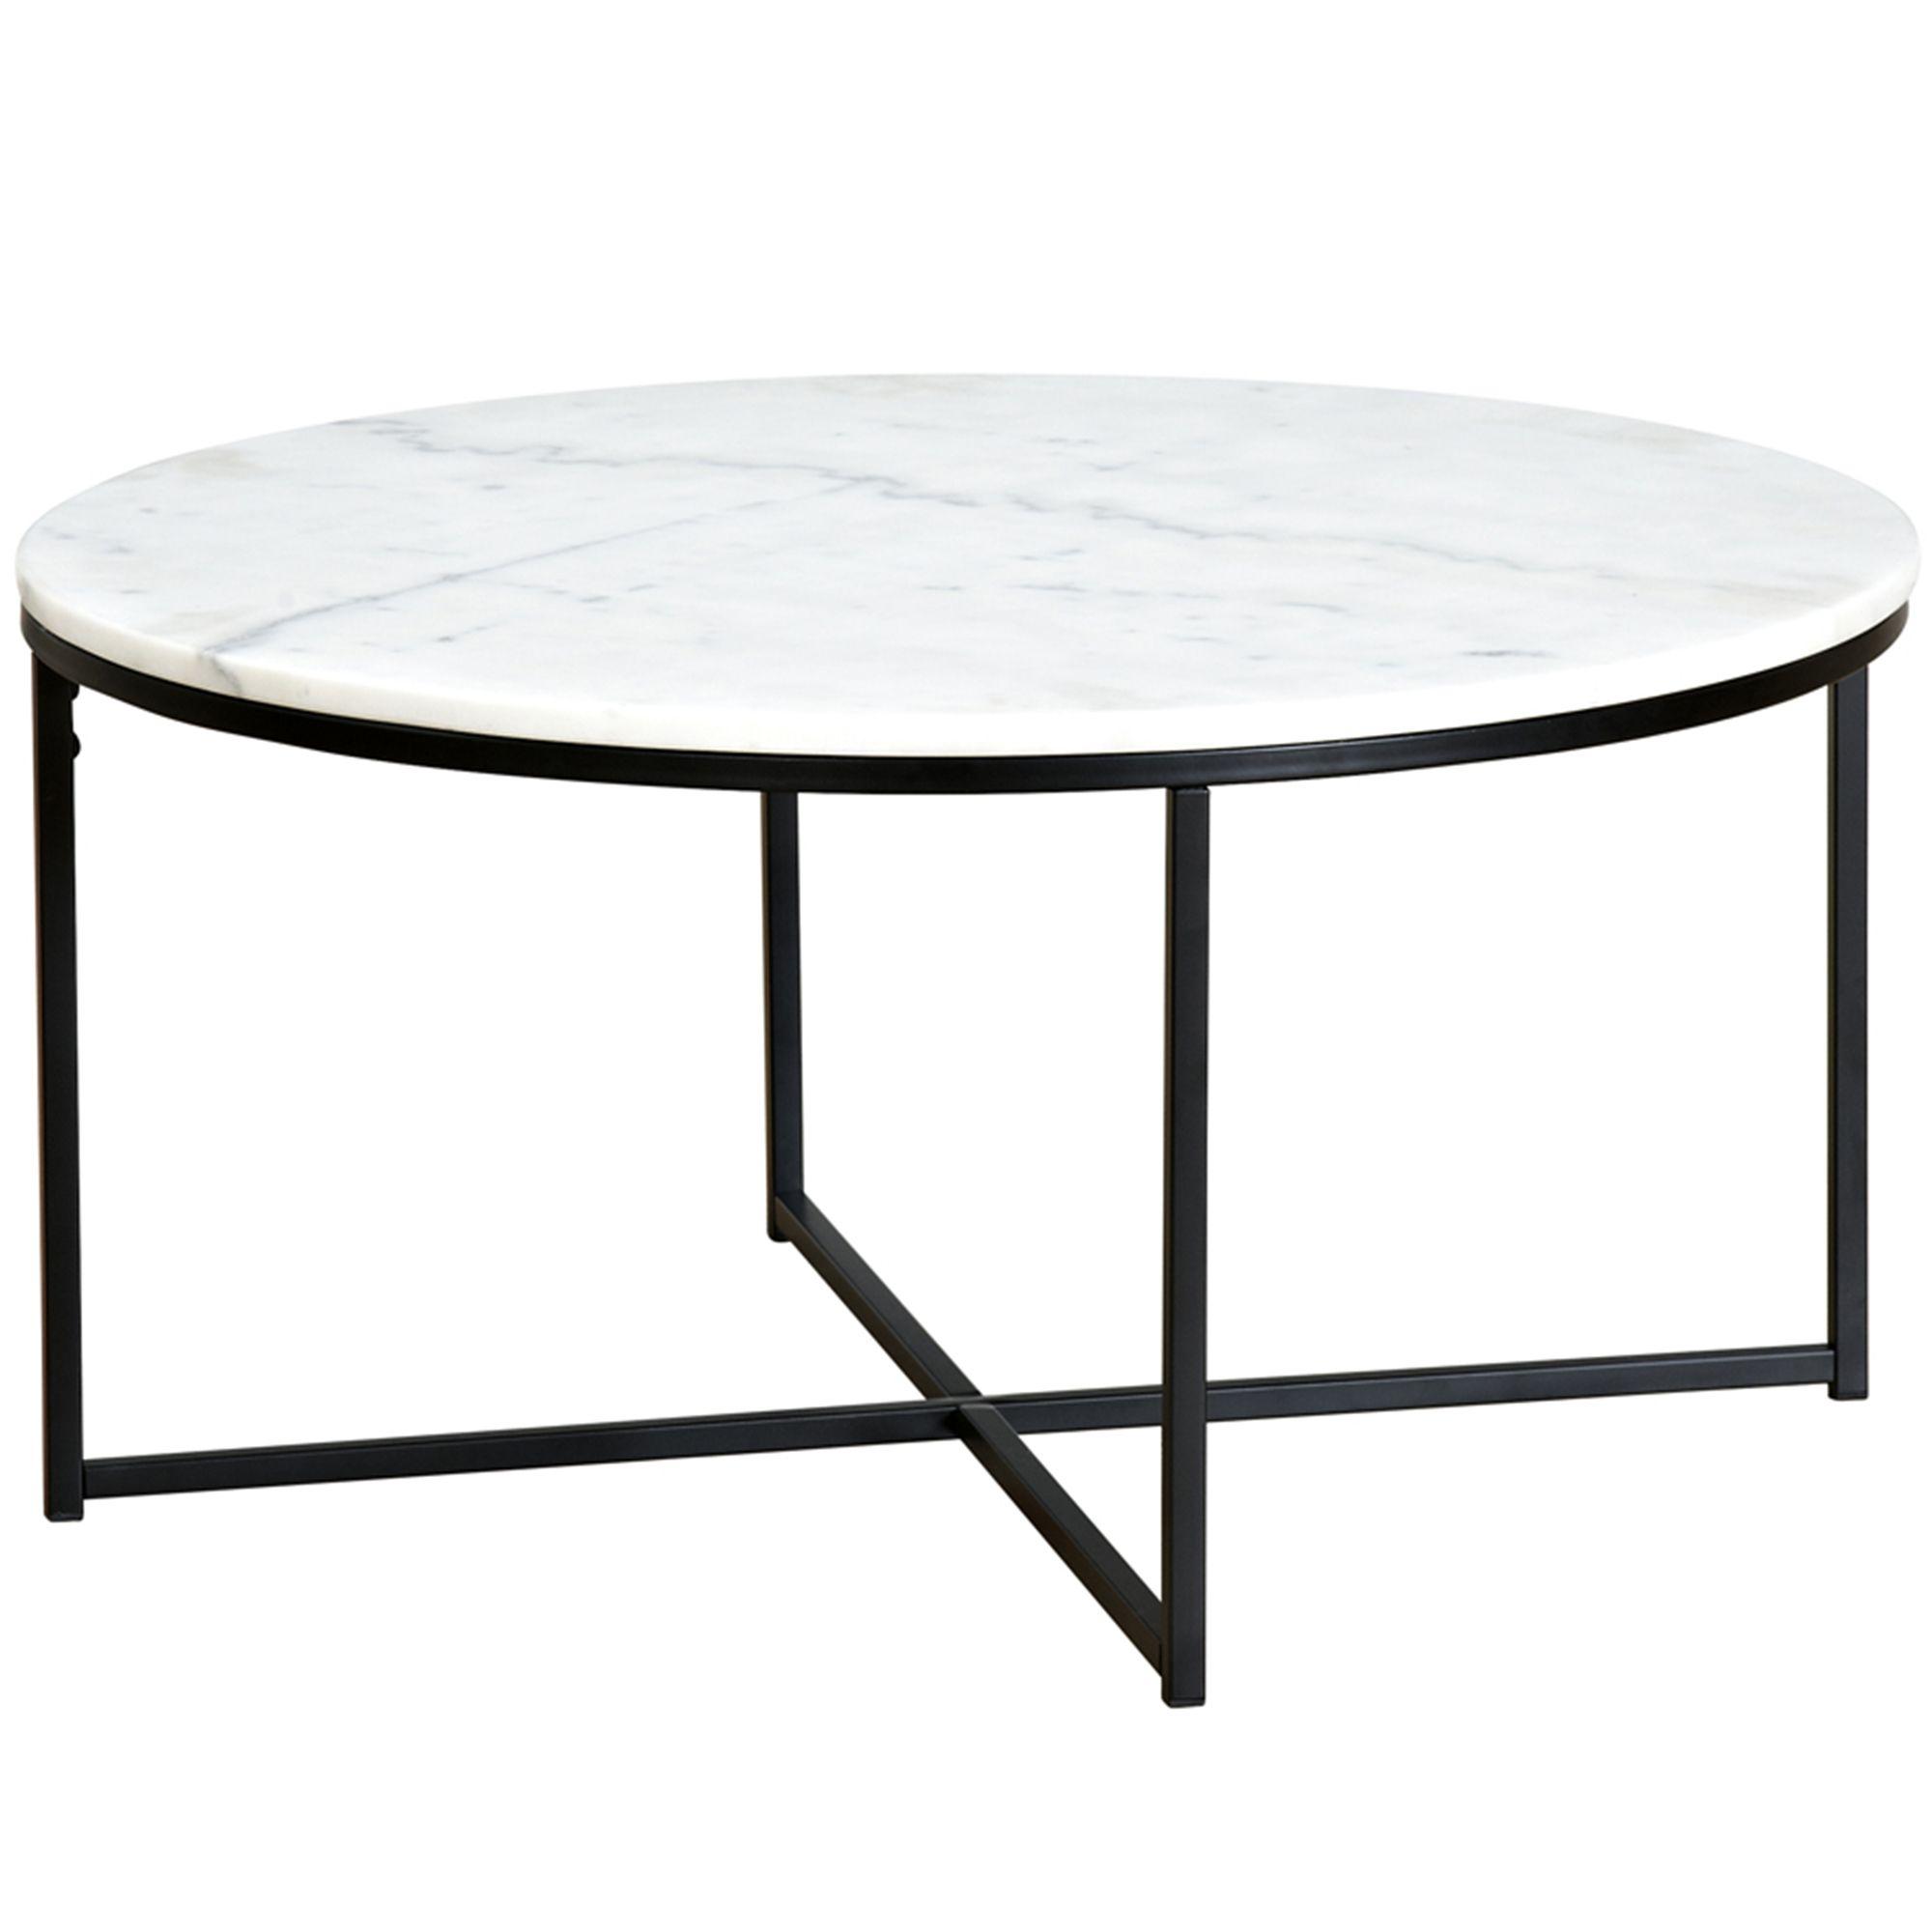 80cm Round White Siena Marble Coffee Table Temple Webster Marble Round Coffee Table Marble Top Coffee Table Marble Coffee Table